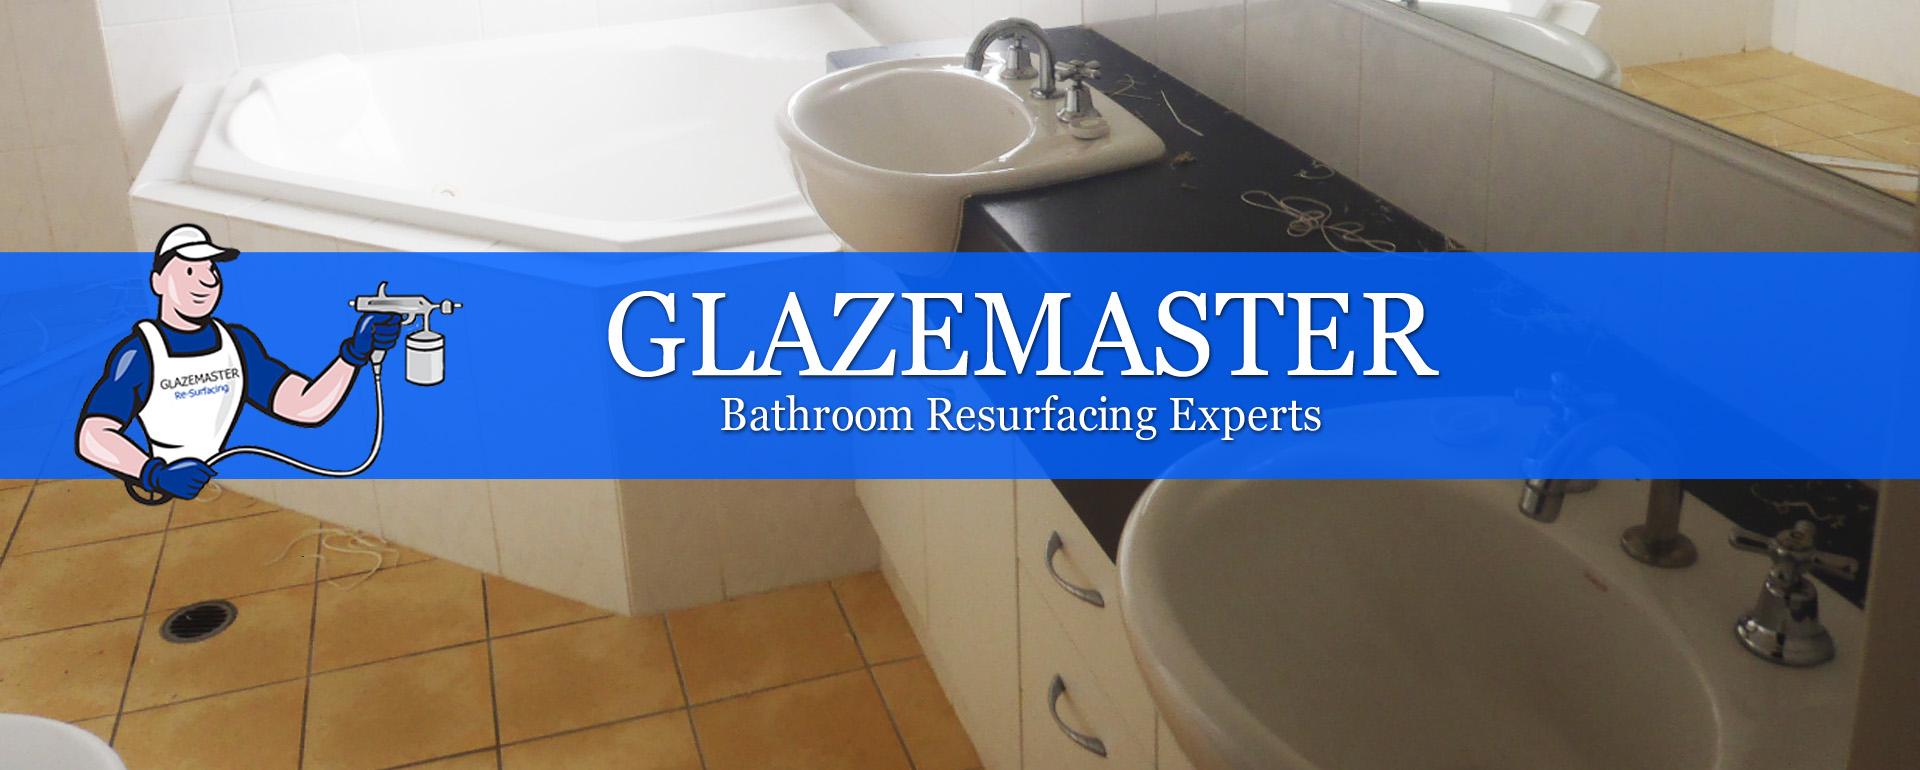 Bathroom Resurfacing Glazemaster Bath Resurfacing